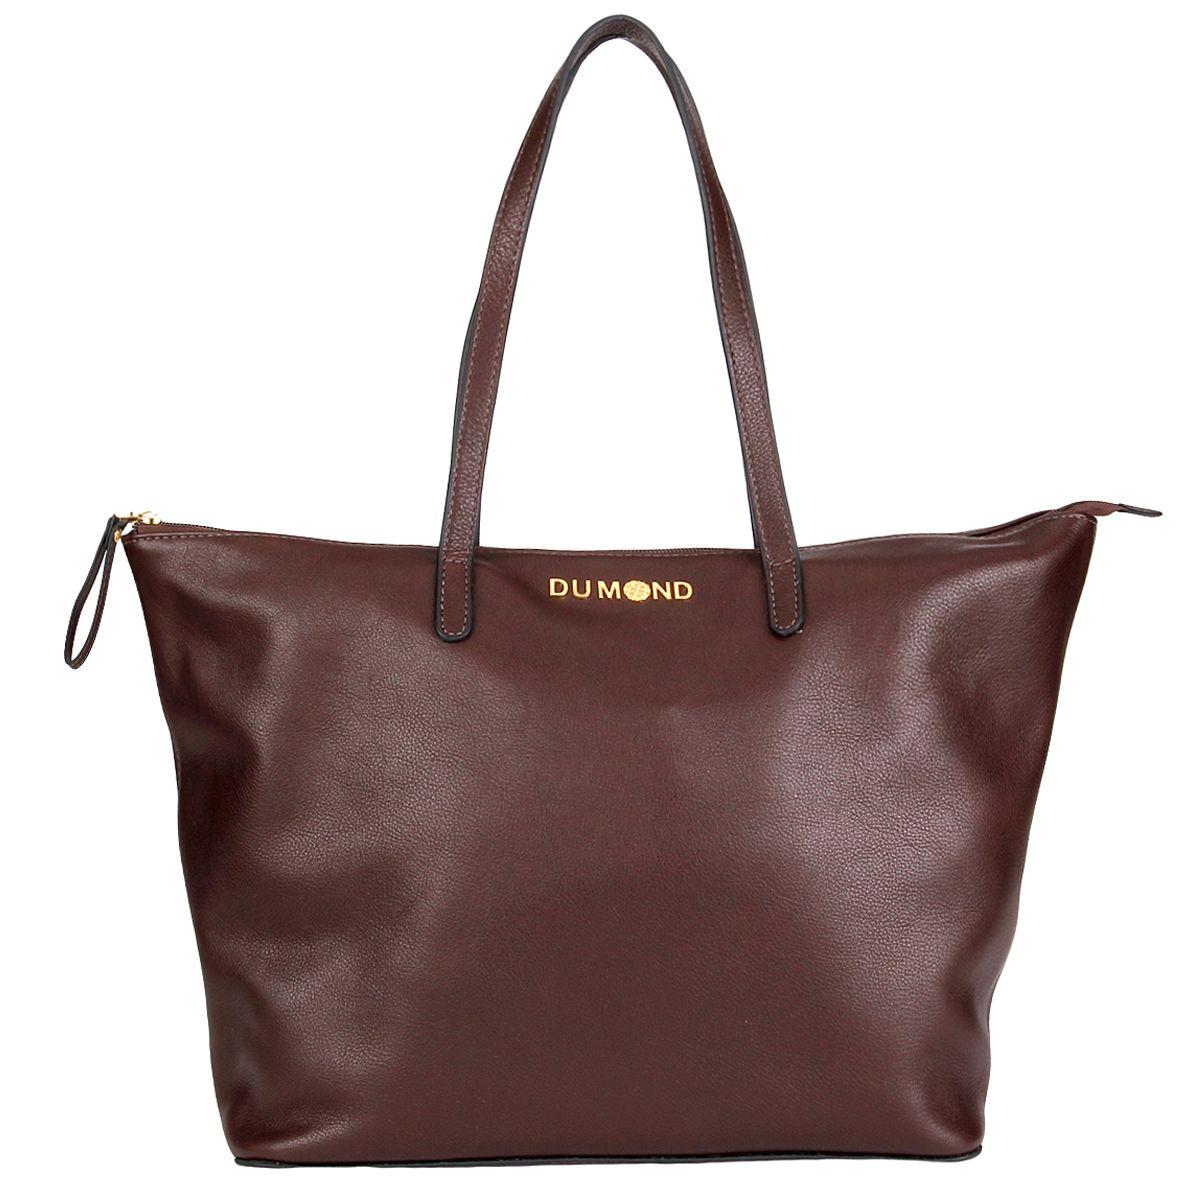 fadf65be7 Compre Bolsa Dumond Shopper Básico Preto na Zattini a nova loja de moda  online da Netshoes. Encontre Sapatos